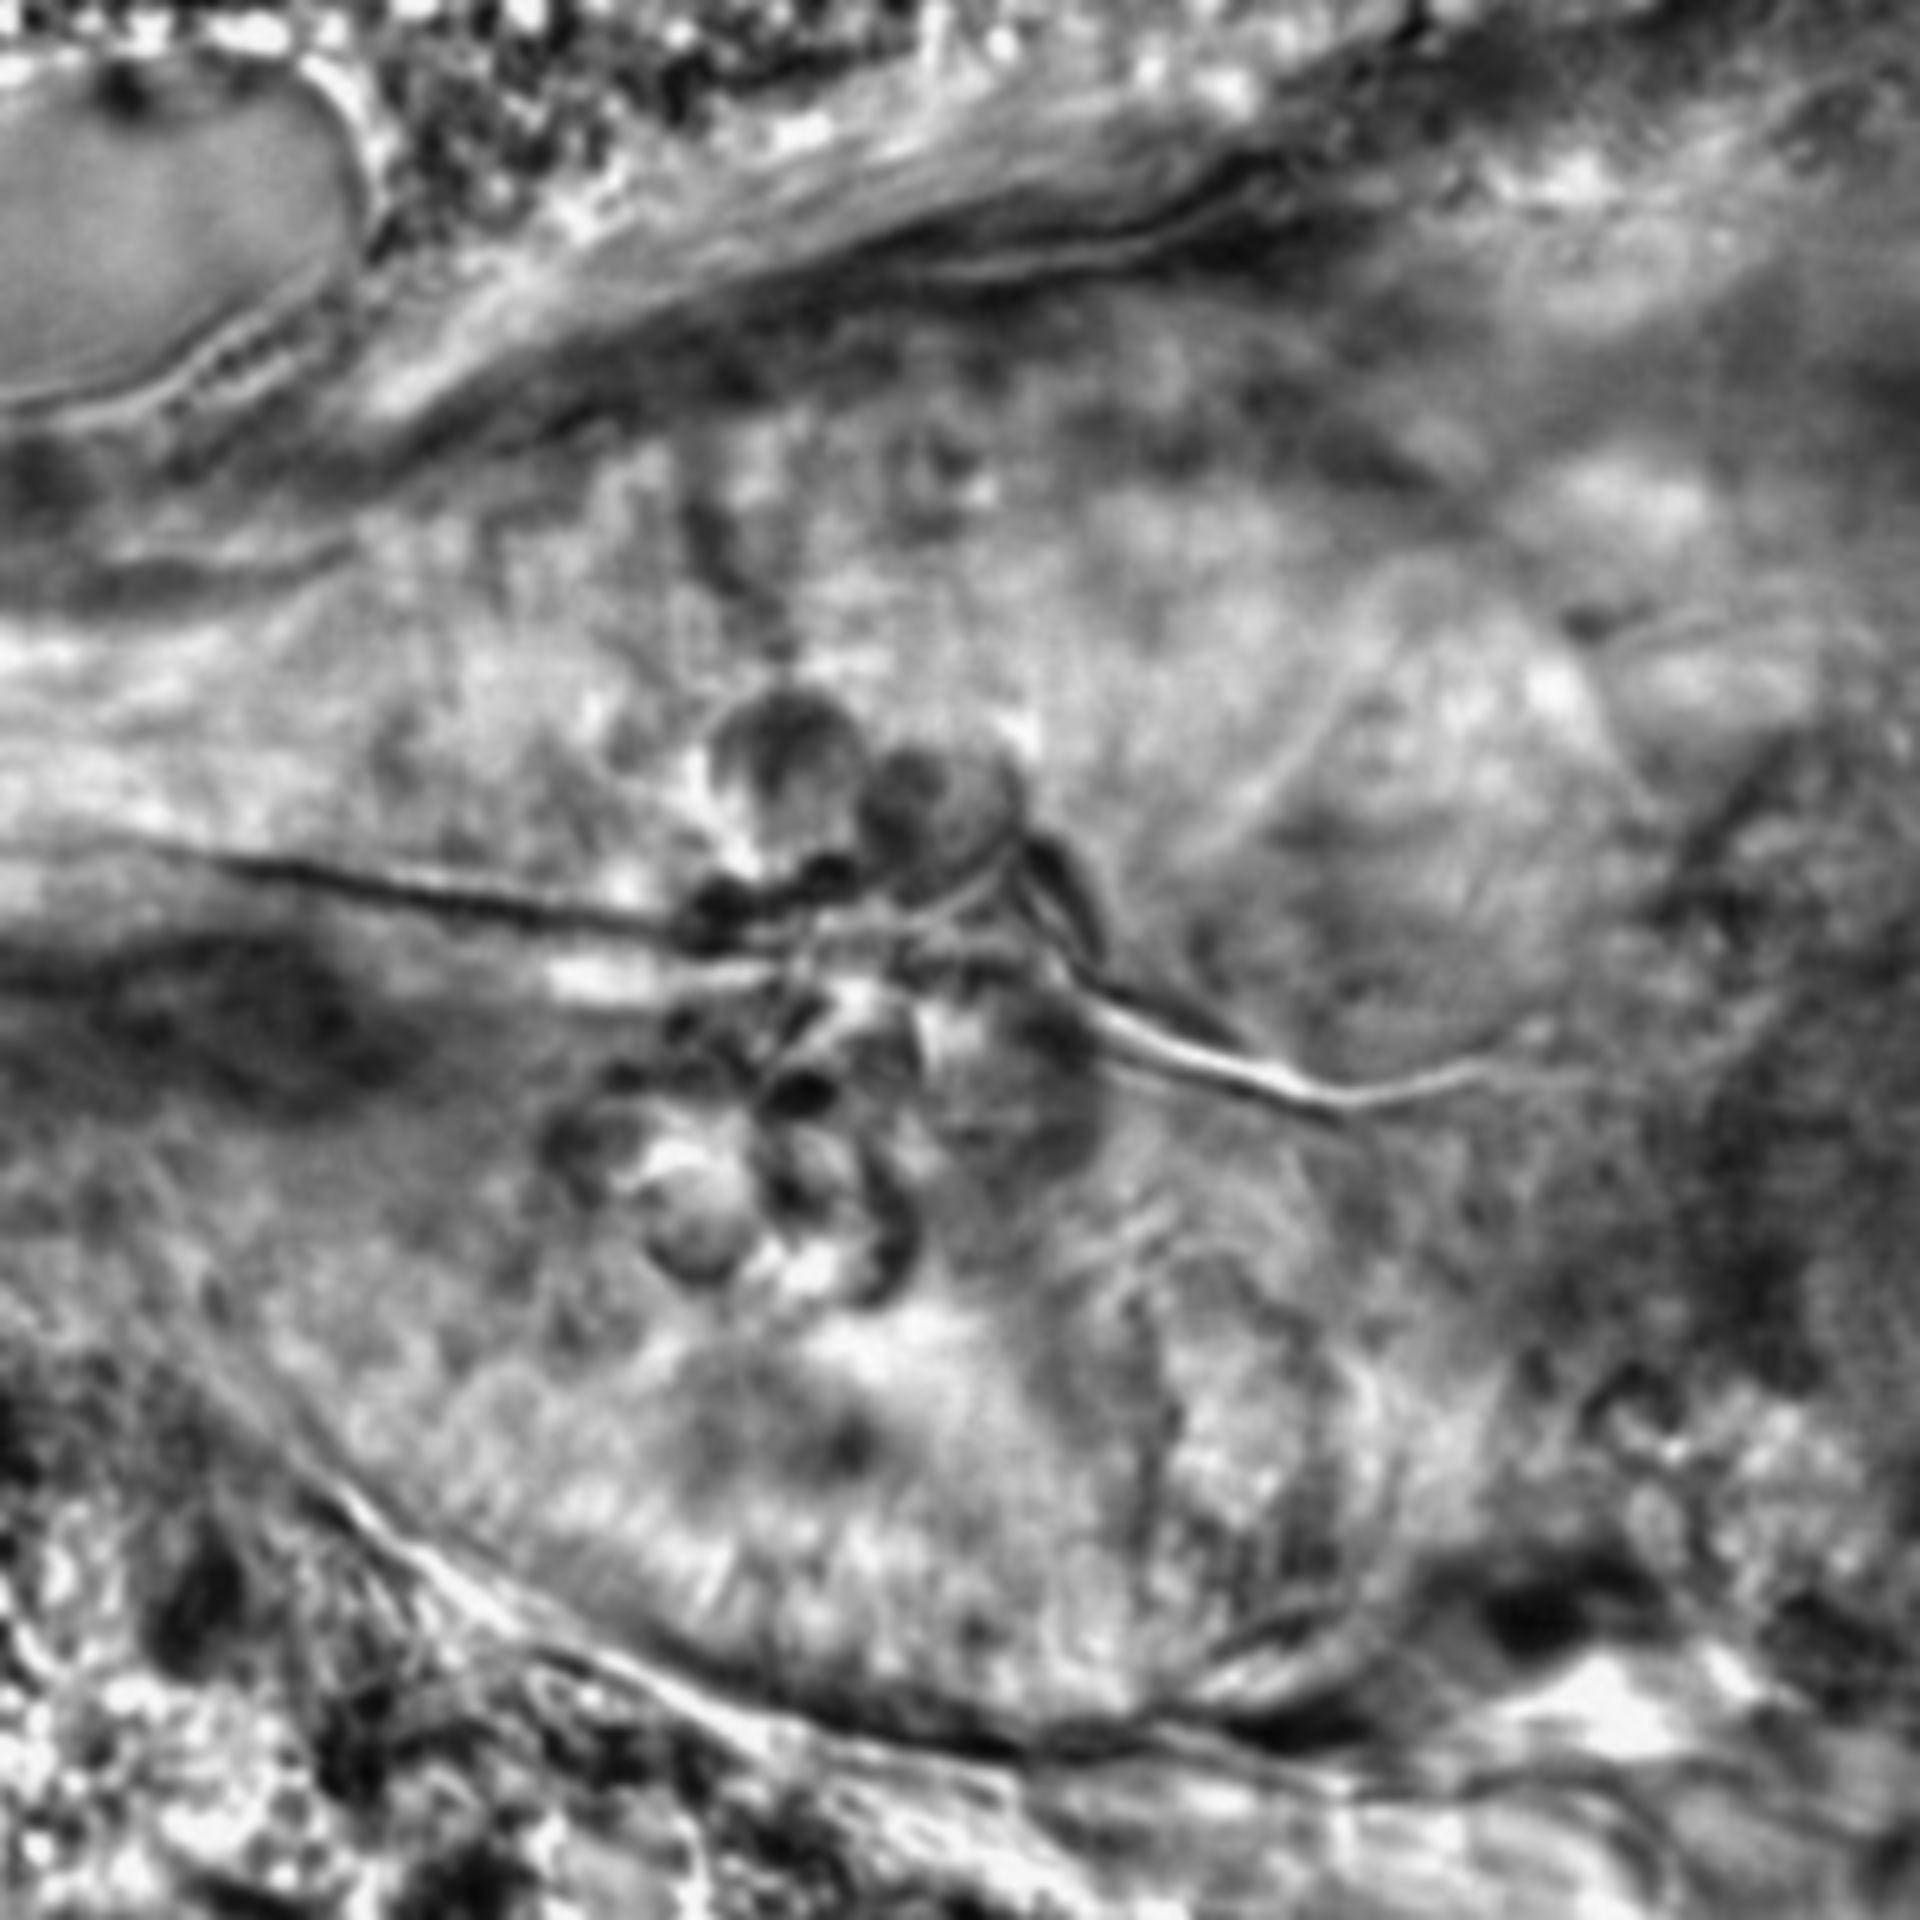 Caenorhabditis elegans - CIL:2261